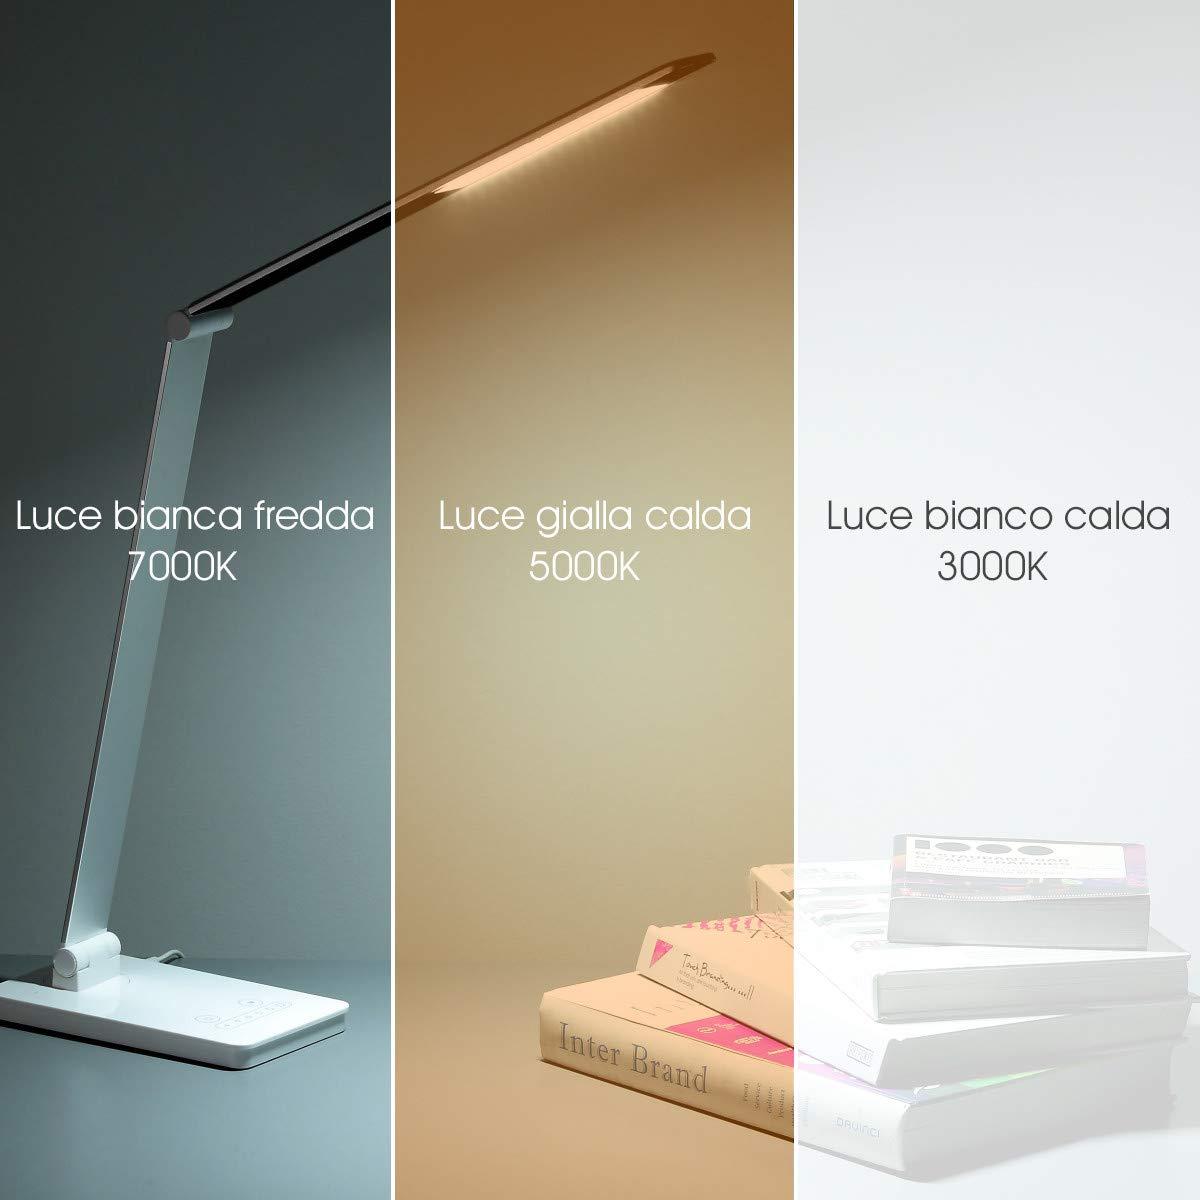 POWERADD Lampadina Scrivania a LED, Lampada da Tavolo con 3 modalità e 6 Luce Regolabile, Controllo Touch3000K-7000K, Occhi- Cura Lampadina Adatto a Uffici, Lettura, Lavoro, ECC.